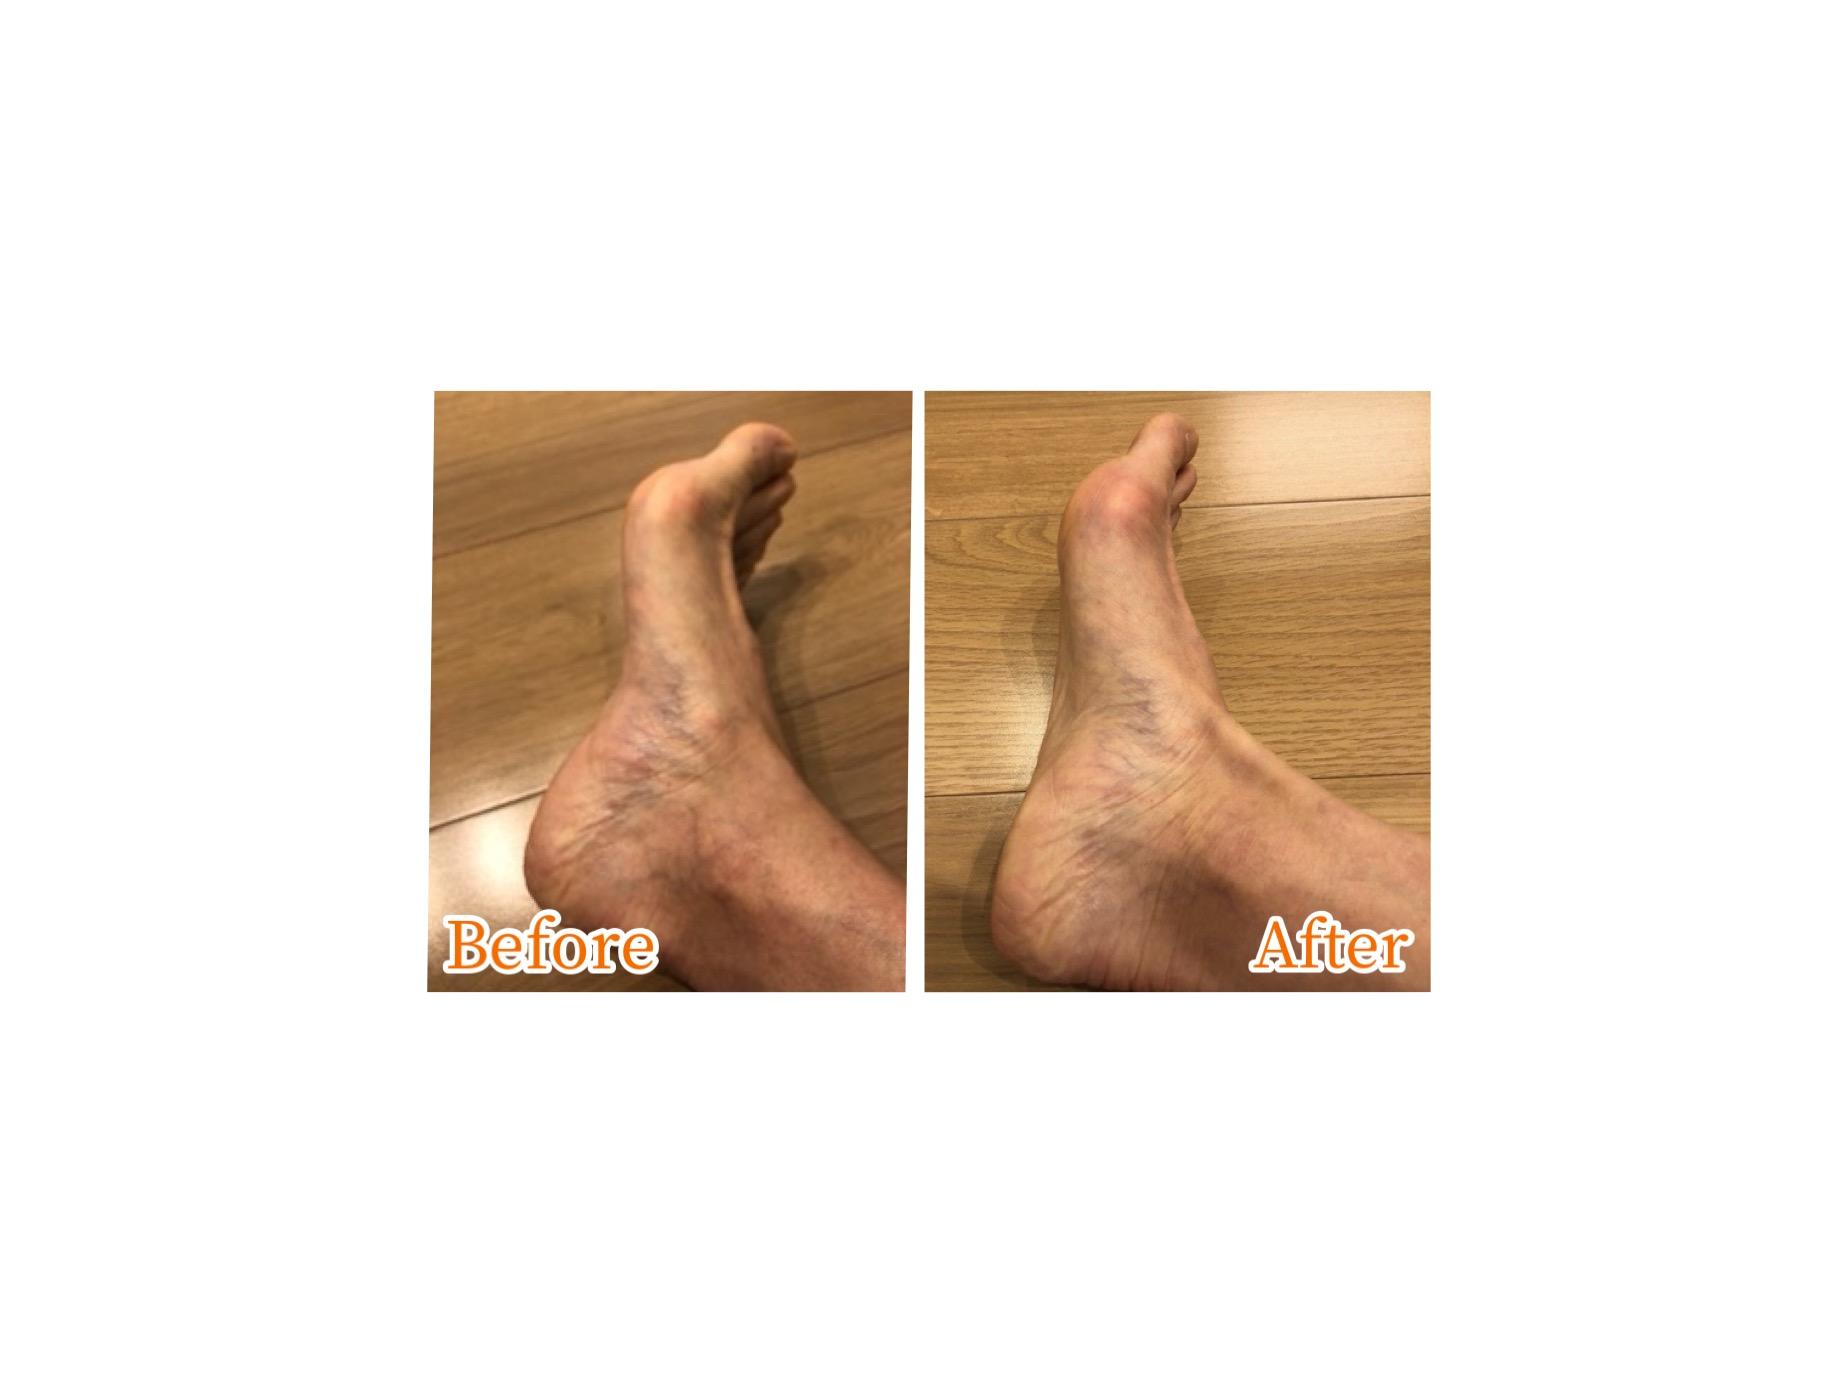 ビフォアフ足の甲画像